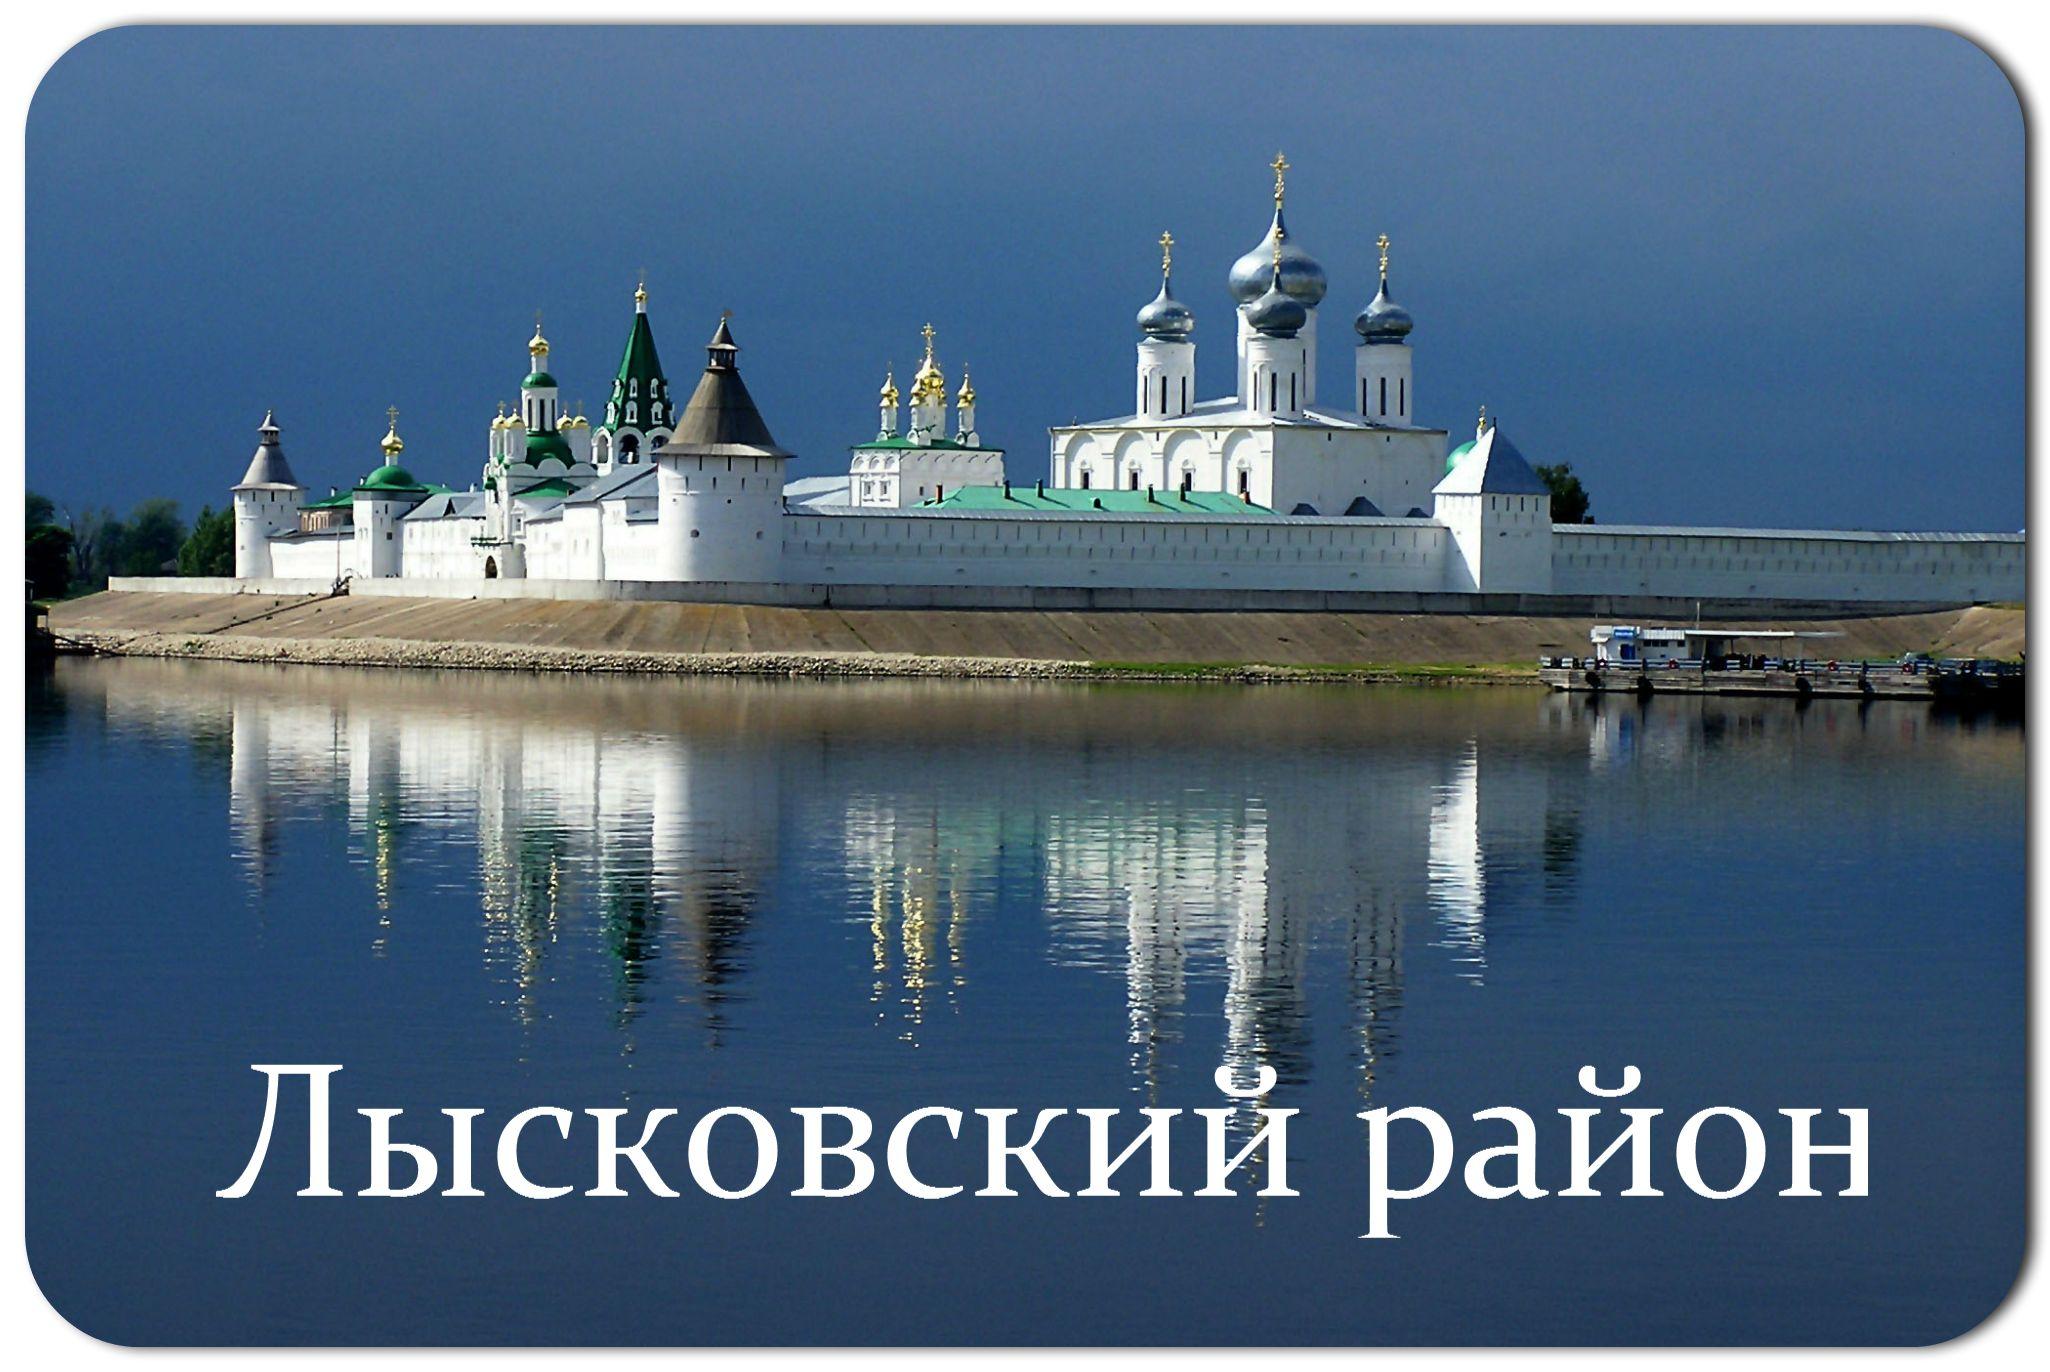 Лысковский район